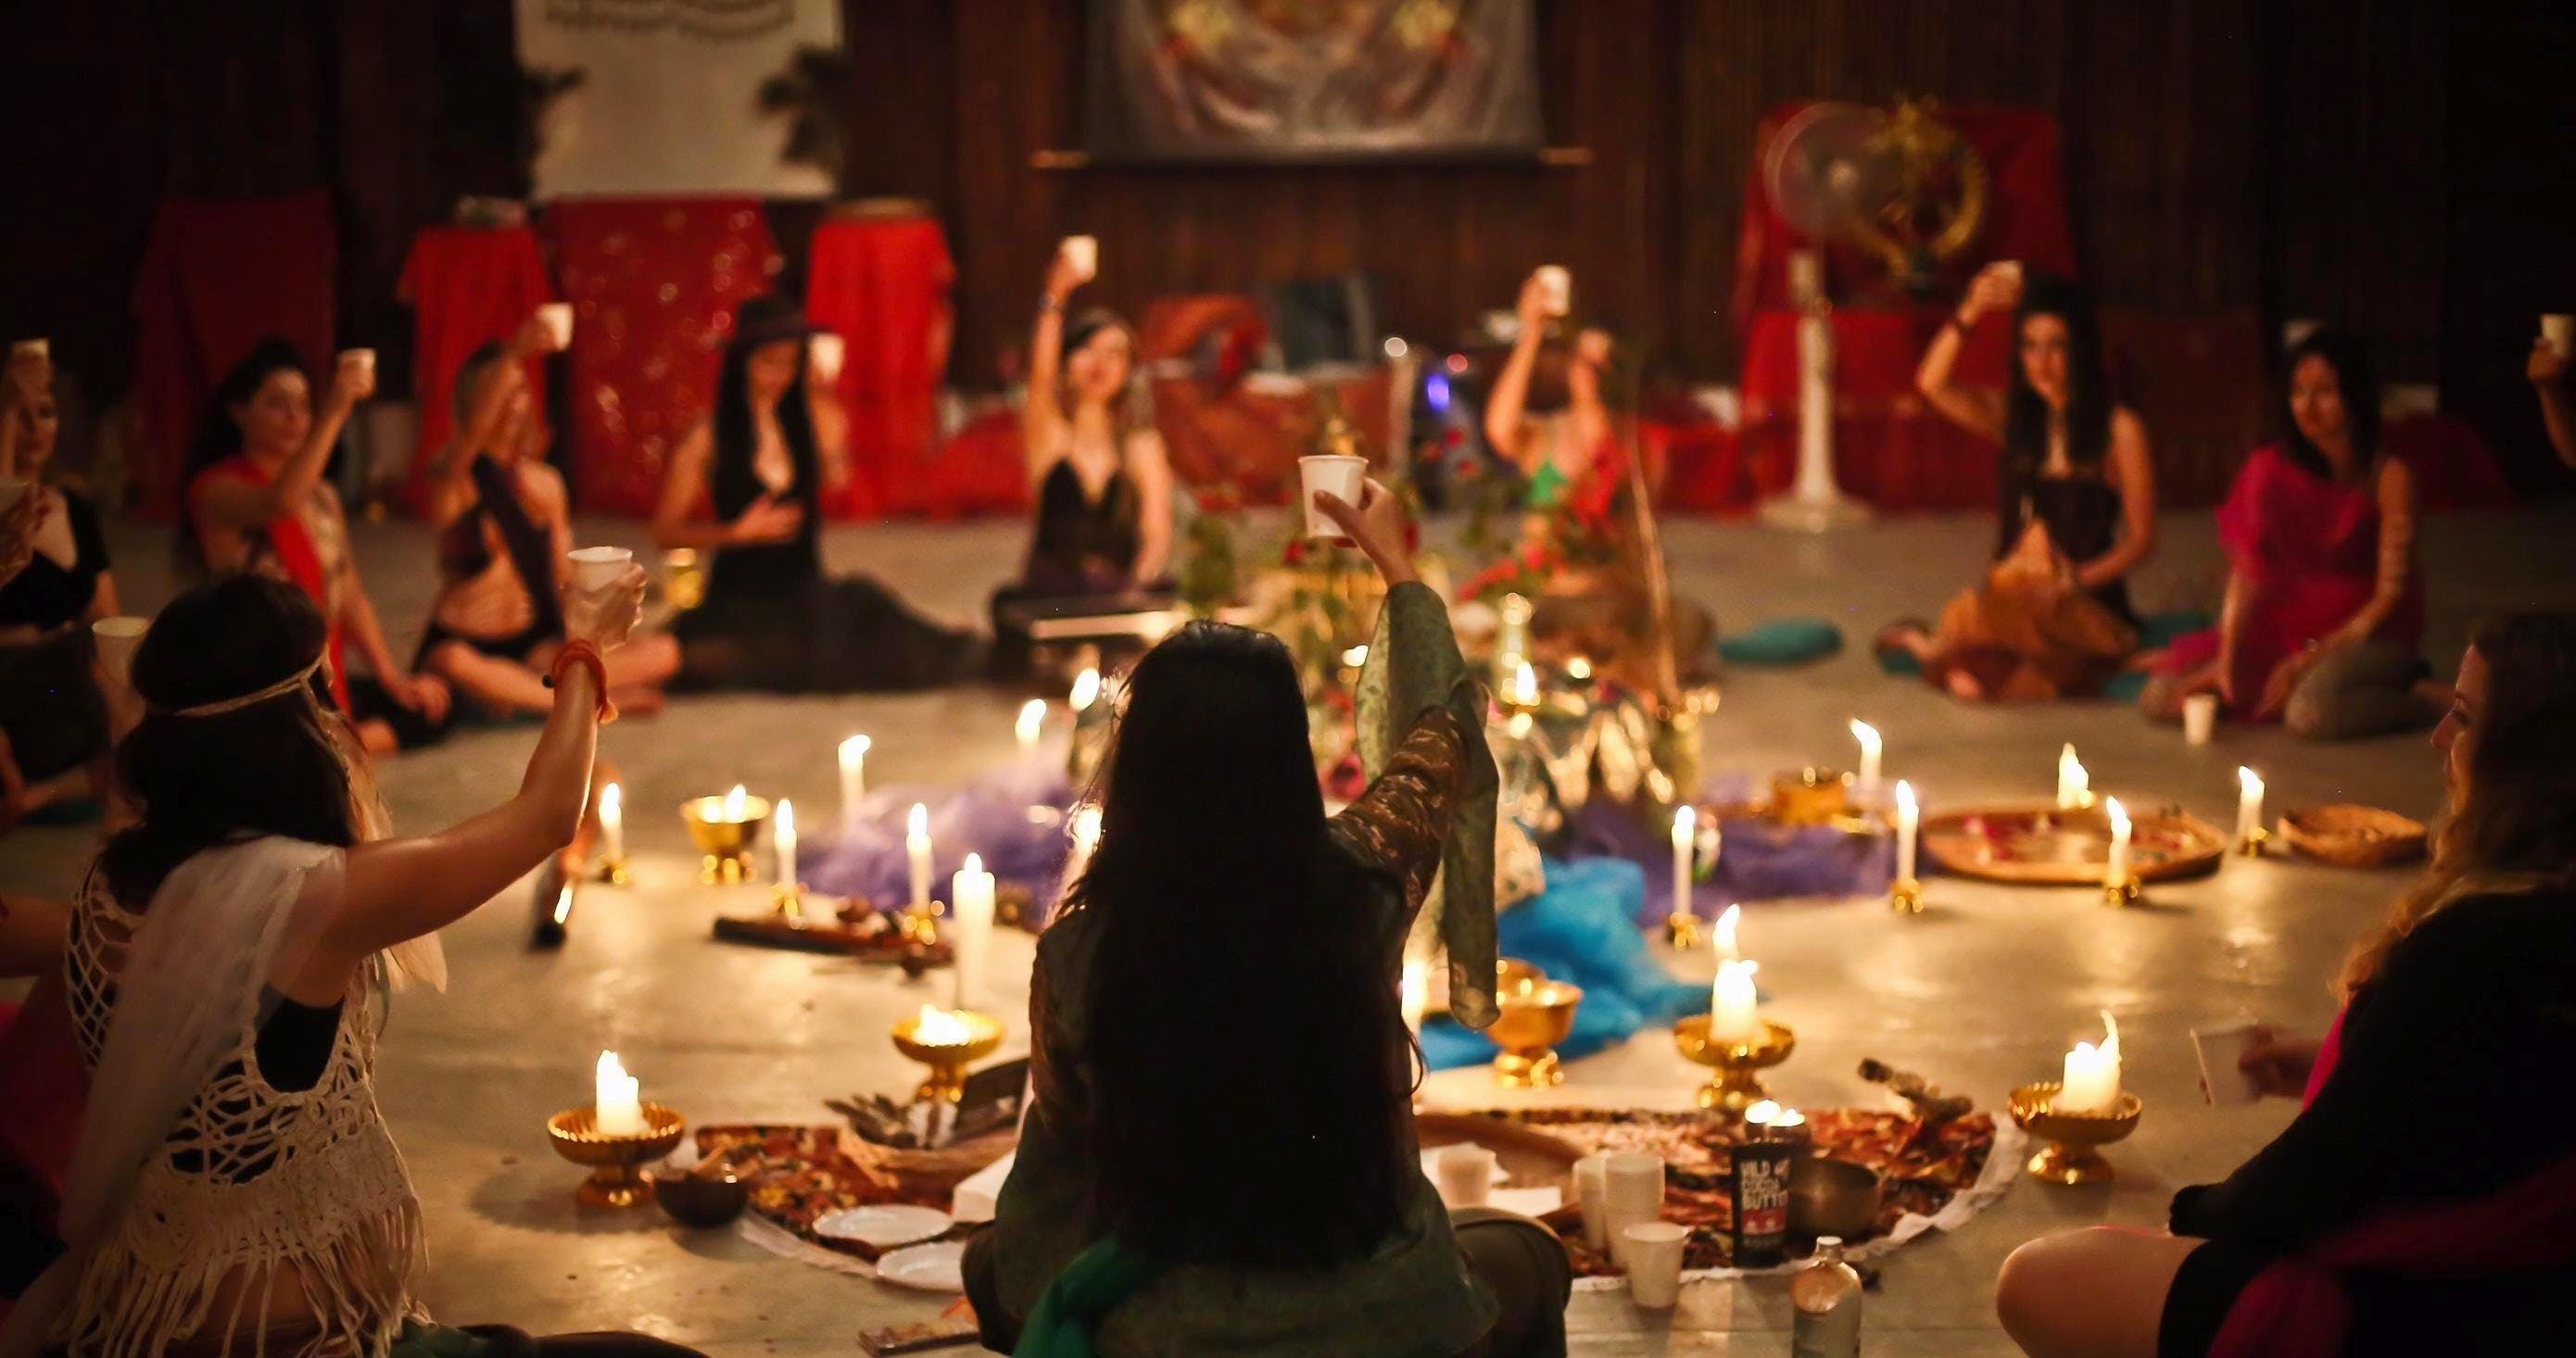 Sanación de sueños manifiestos en una ceremonia de cacao - Airbnb